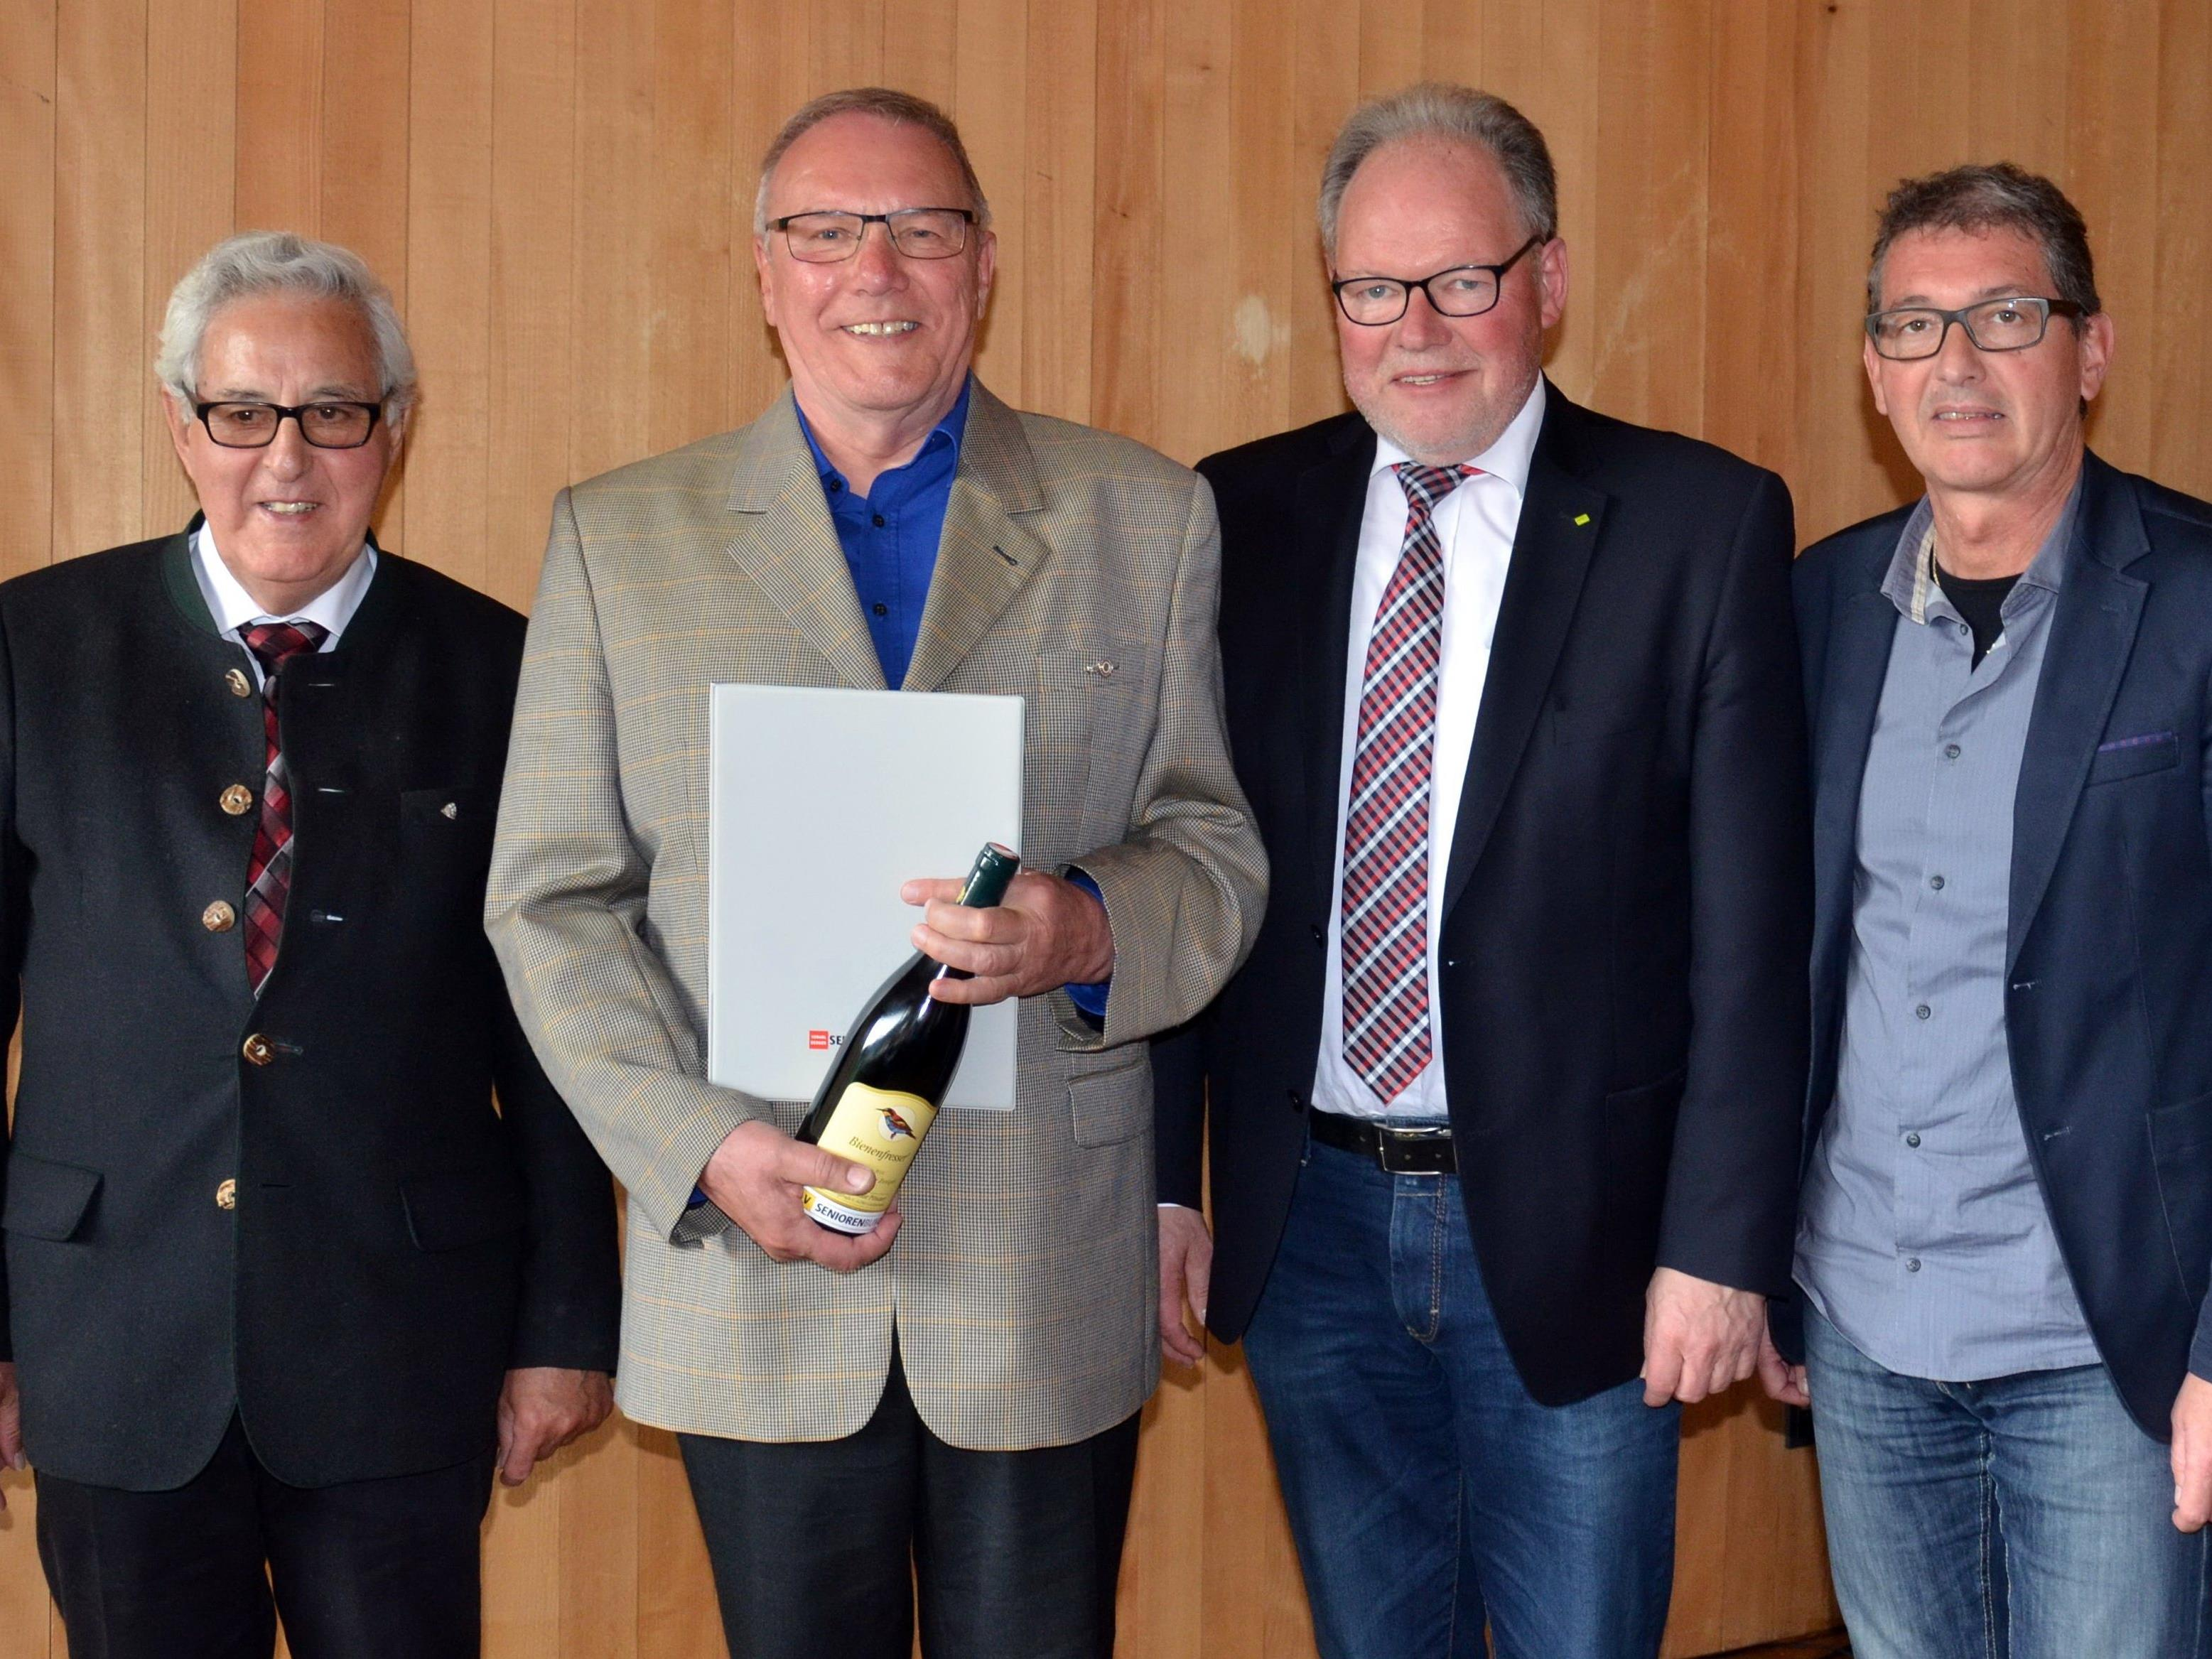 v.l.Ehrenobmann Gotfried Feuerstein, Obmann Elmar Hepp, Landesobmann Werner Huber, Geschäftsführer Franz Himmer